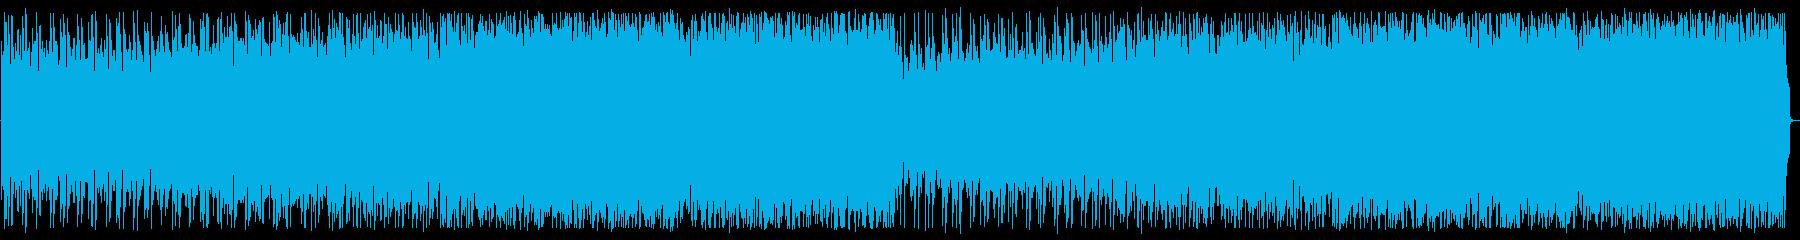 疾走/エレクトロ_No582_1の再生済みの波形